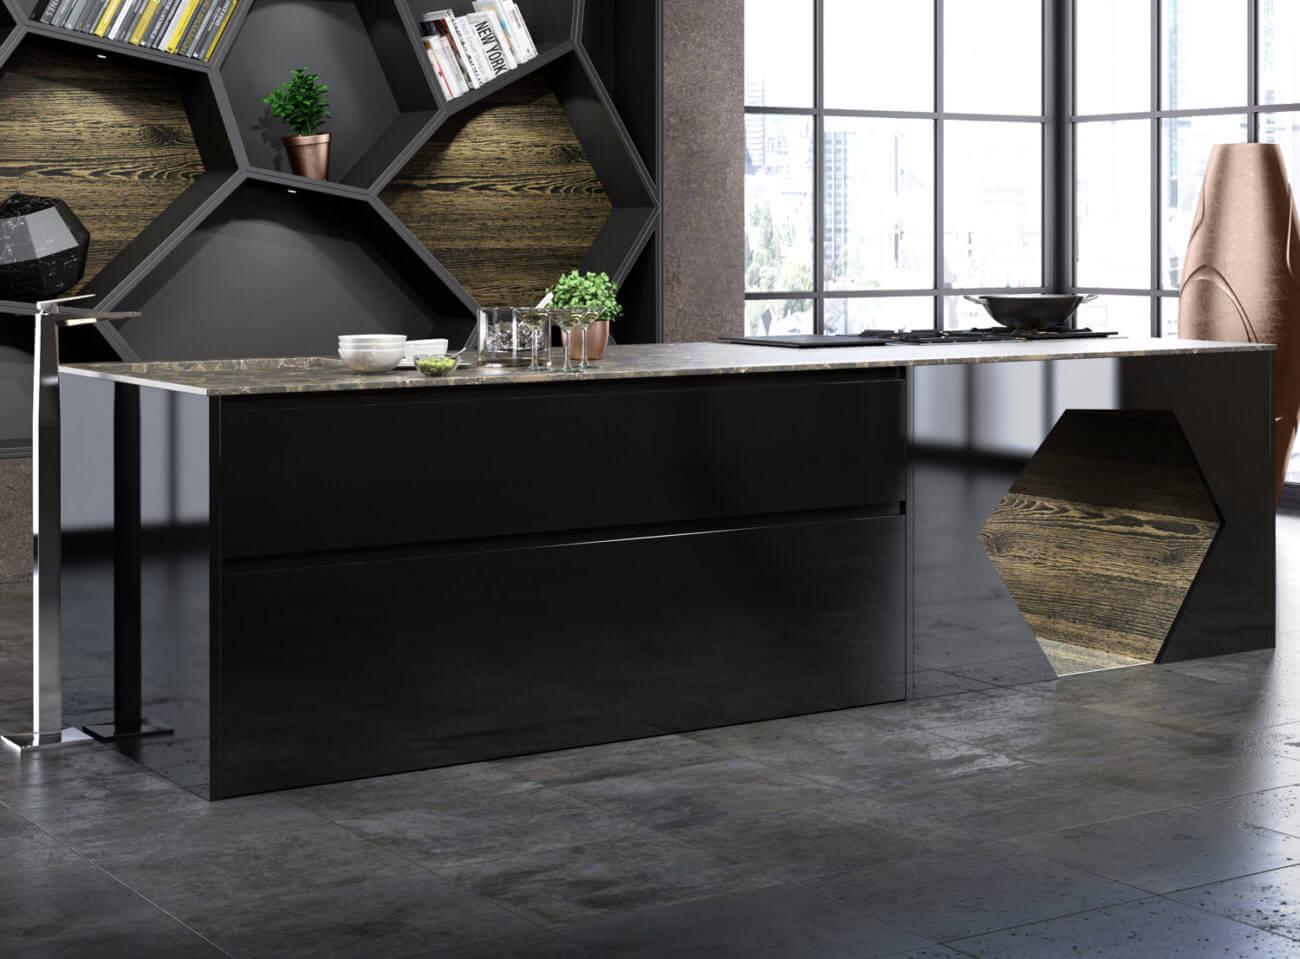 Küche in Schwarz: matt oder Hochglanz? Was ist besser? - Küchenfinder